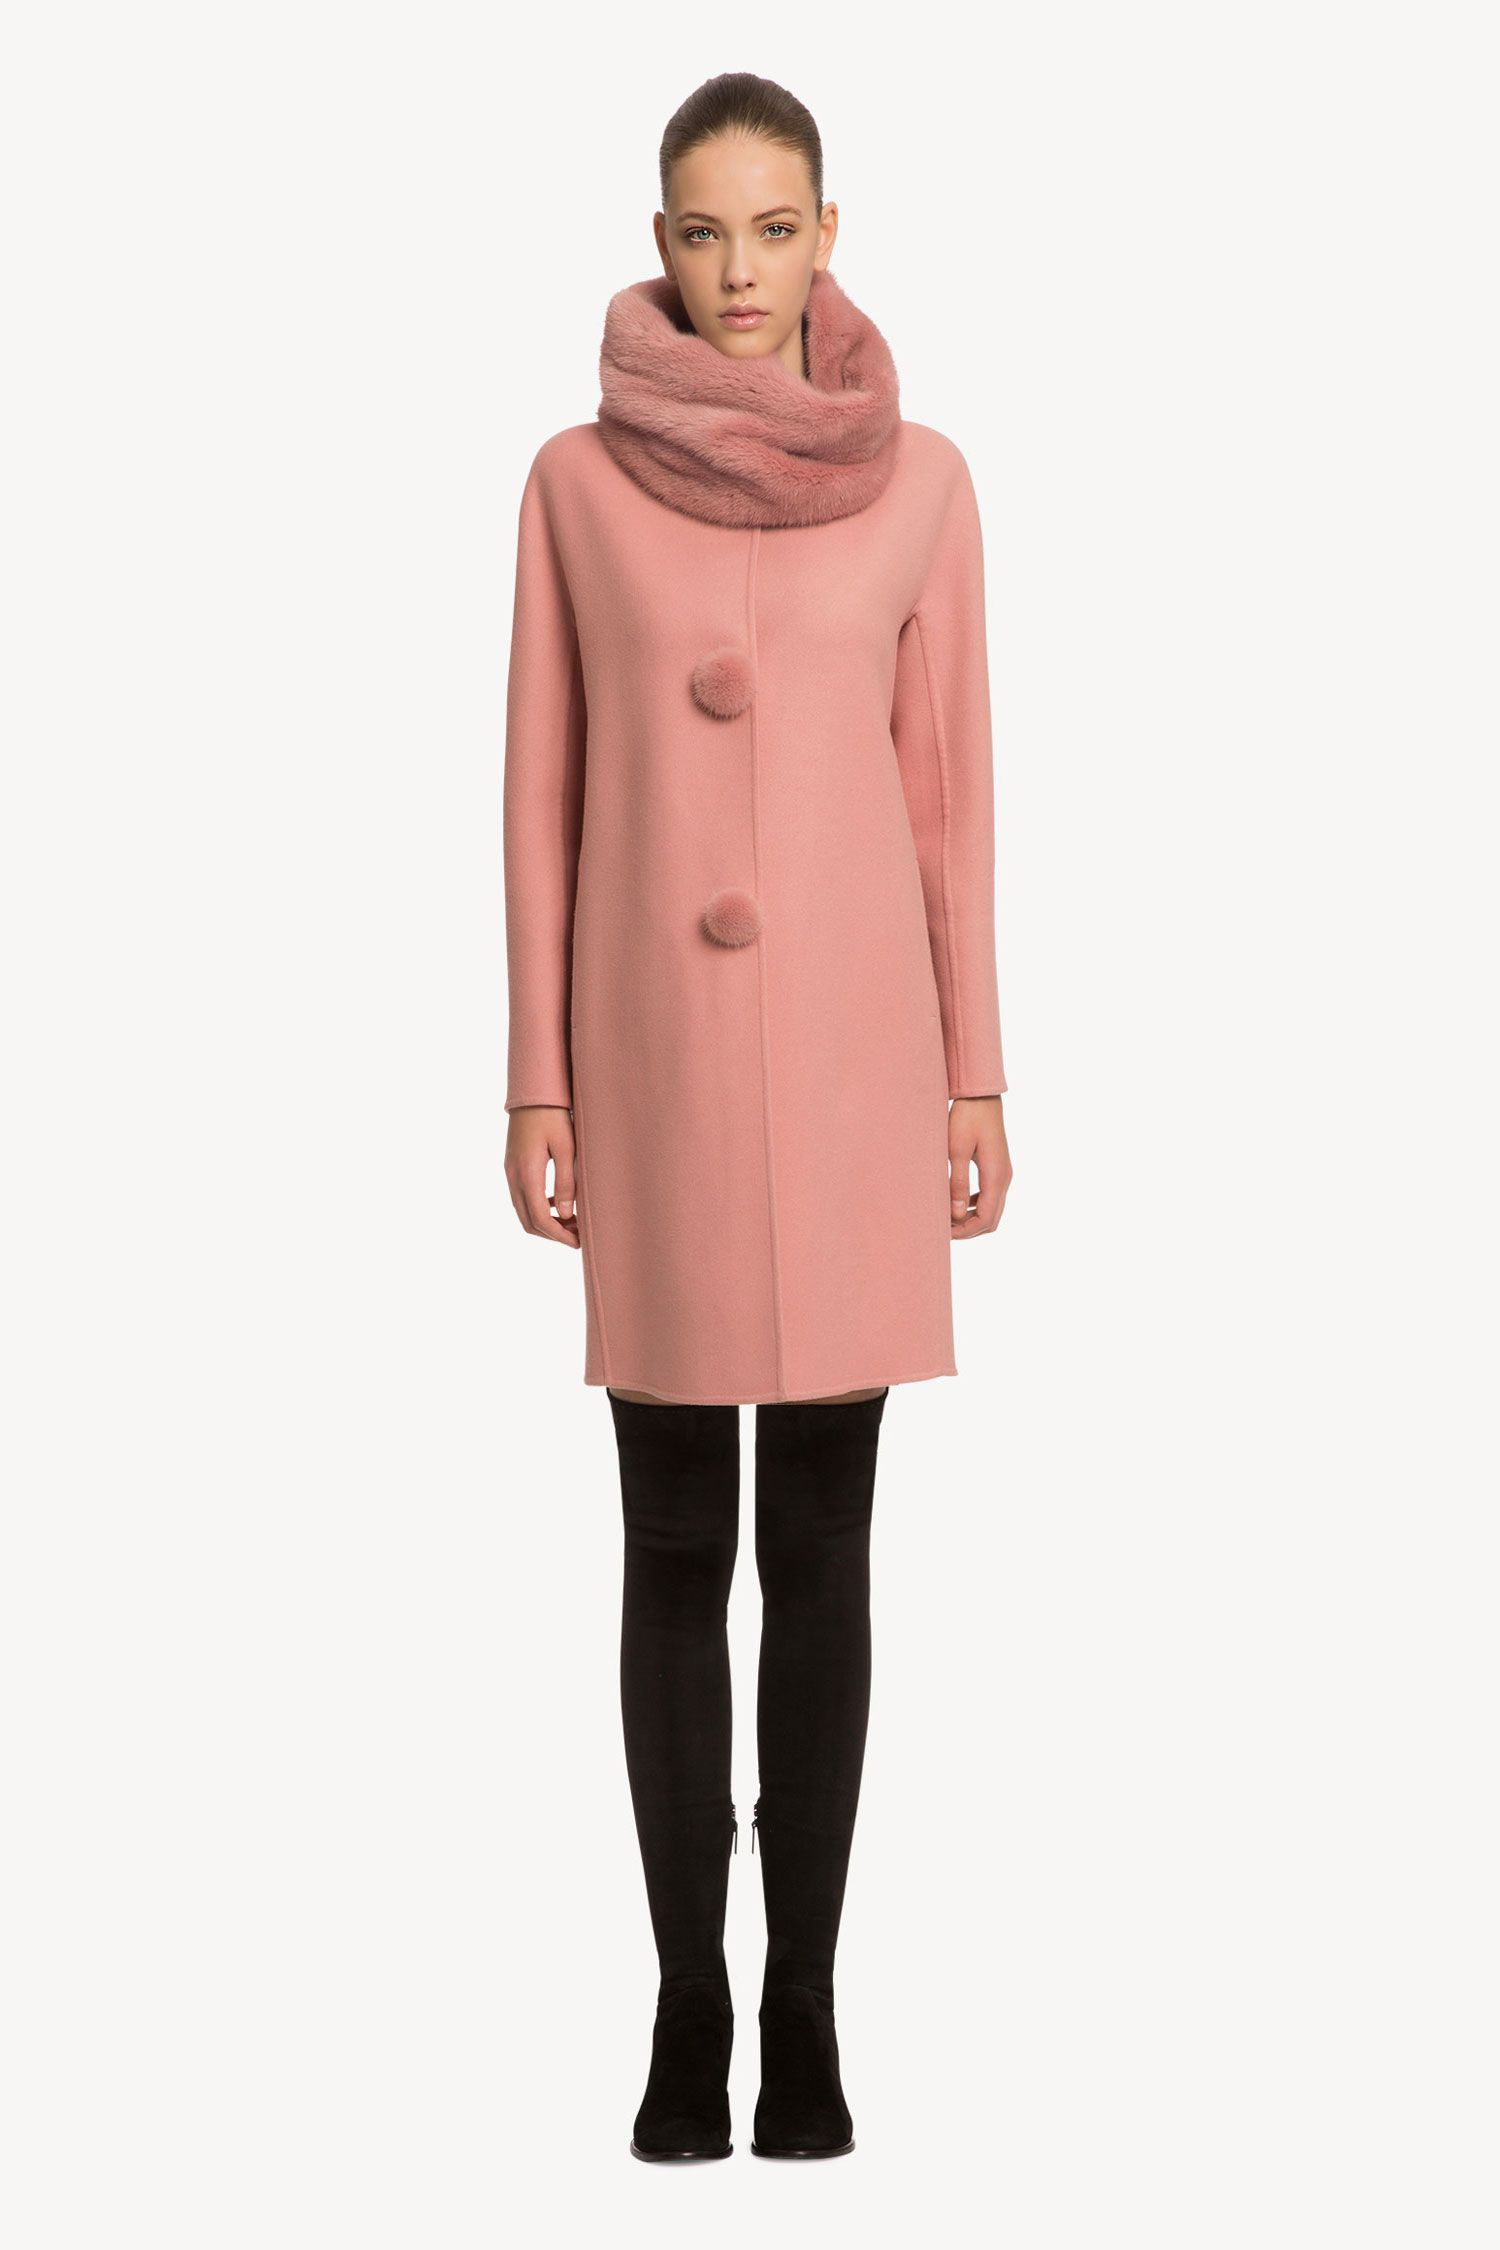 Cappotto in panno di lana con bottoni pon pon in visone sur-ton ad  impreziosire il design essenziale del modello. La modella è alta 177 cm e  indossa una ... e4f4eddfda2